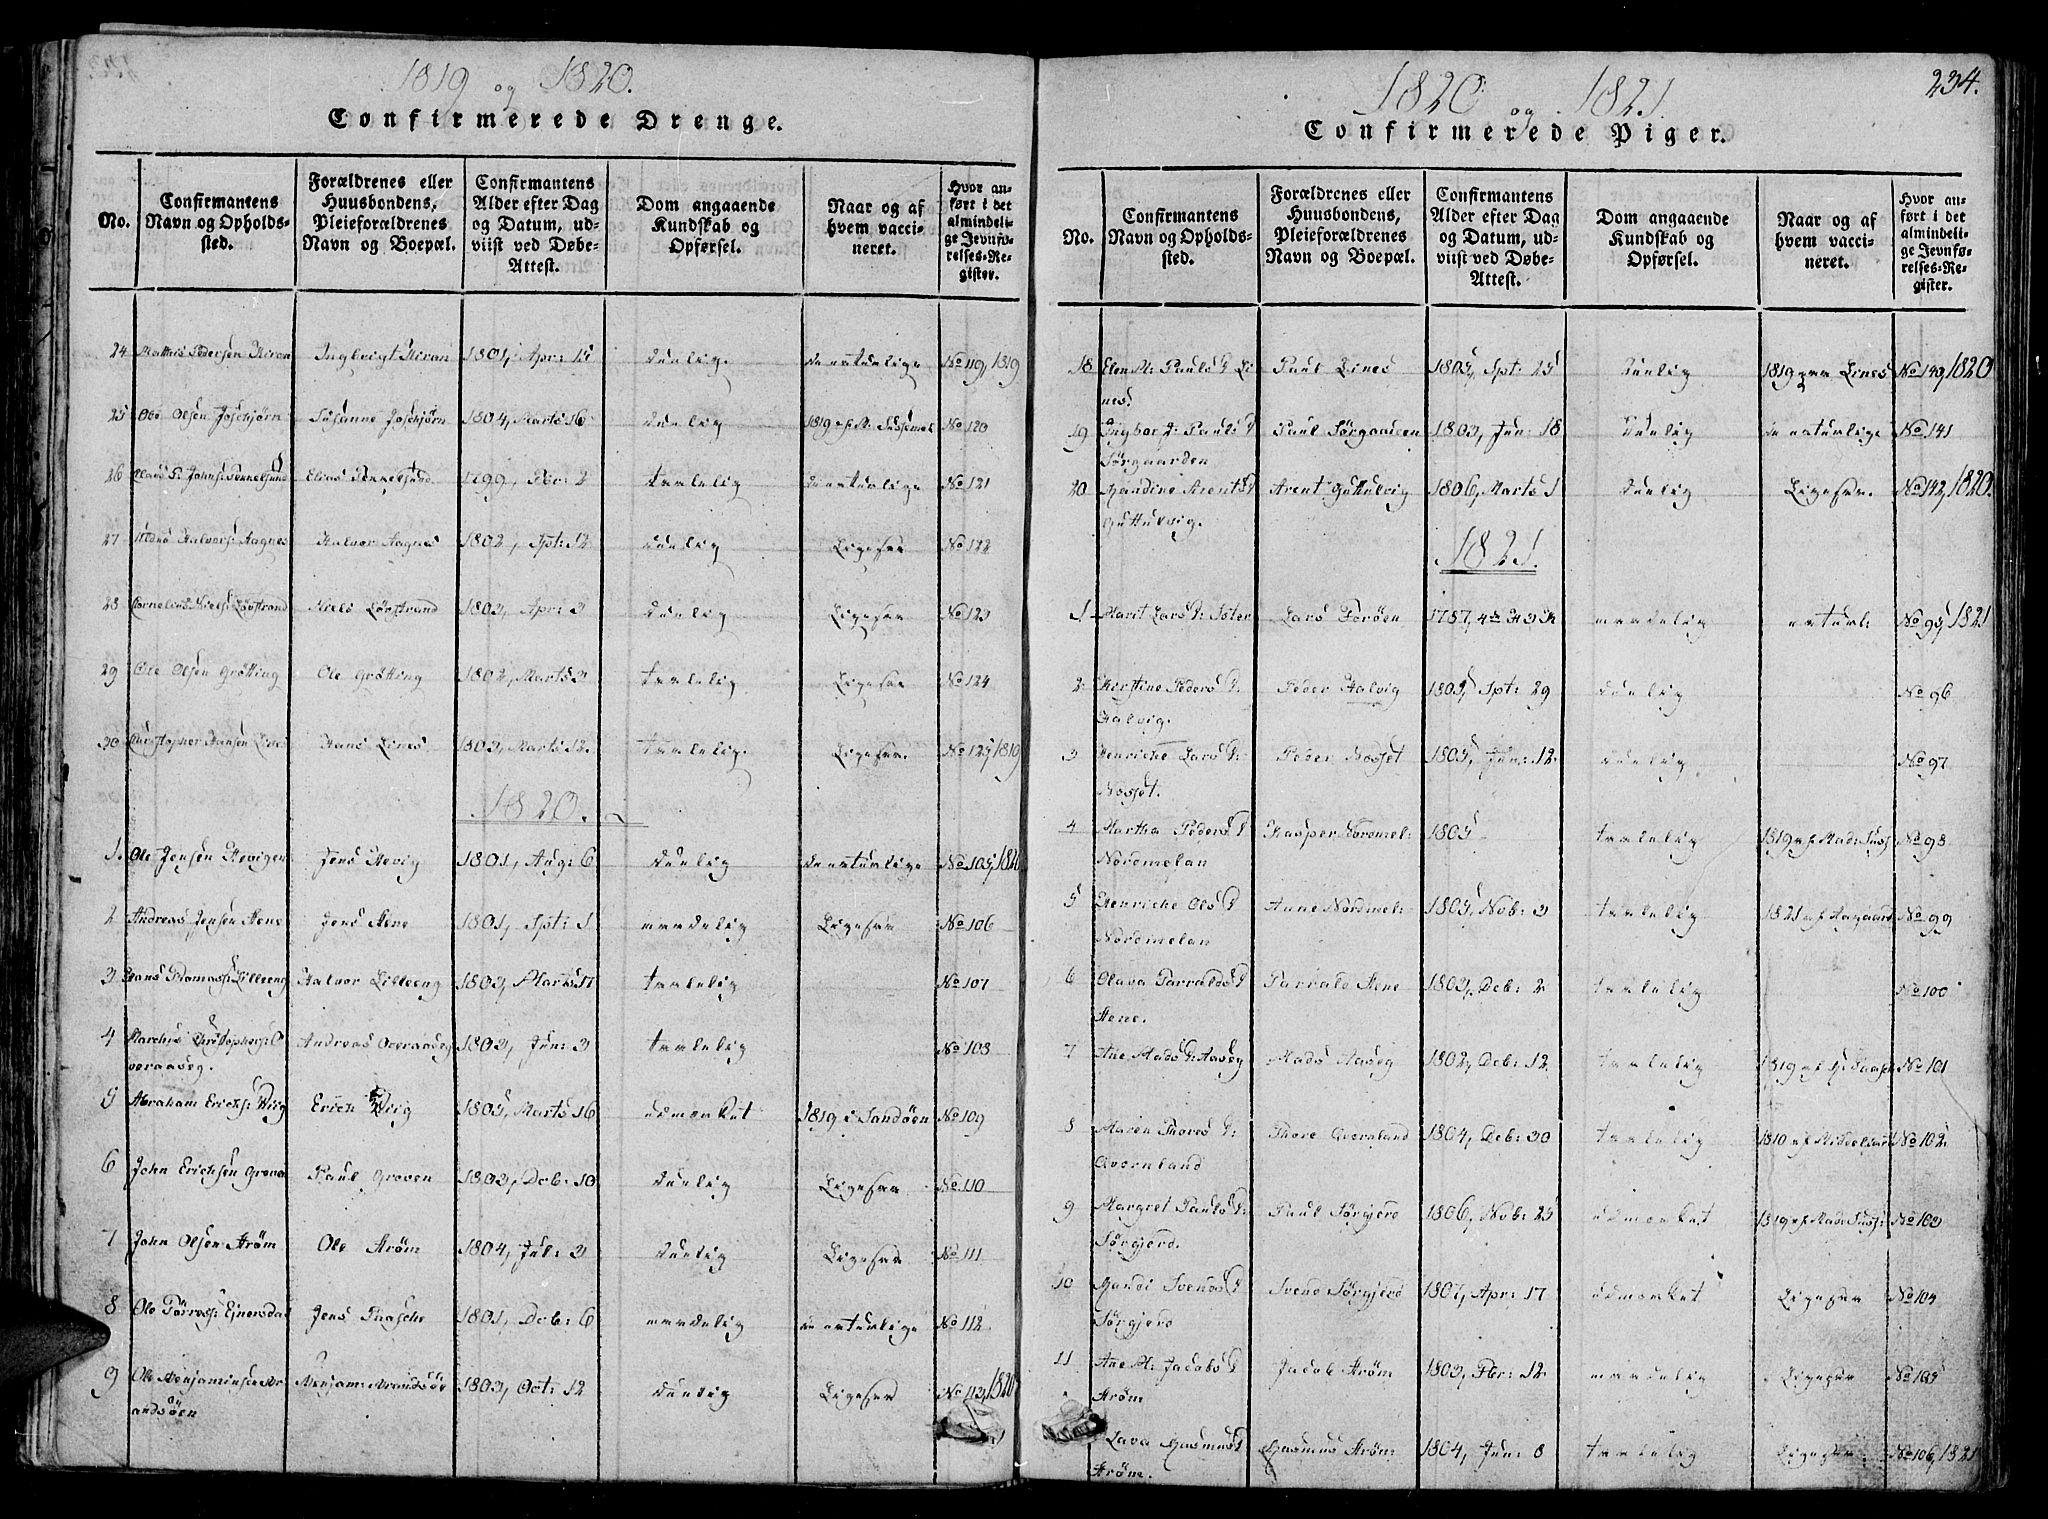 SAT, Ministerialprotokoller, klokkerbøker og fødselsregistre - Sør-Trøndelag, 657/L0702: Ministerialbok nr. 657A03, 1818-1831, s. 234